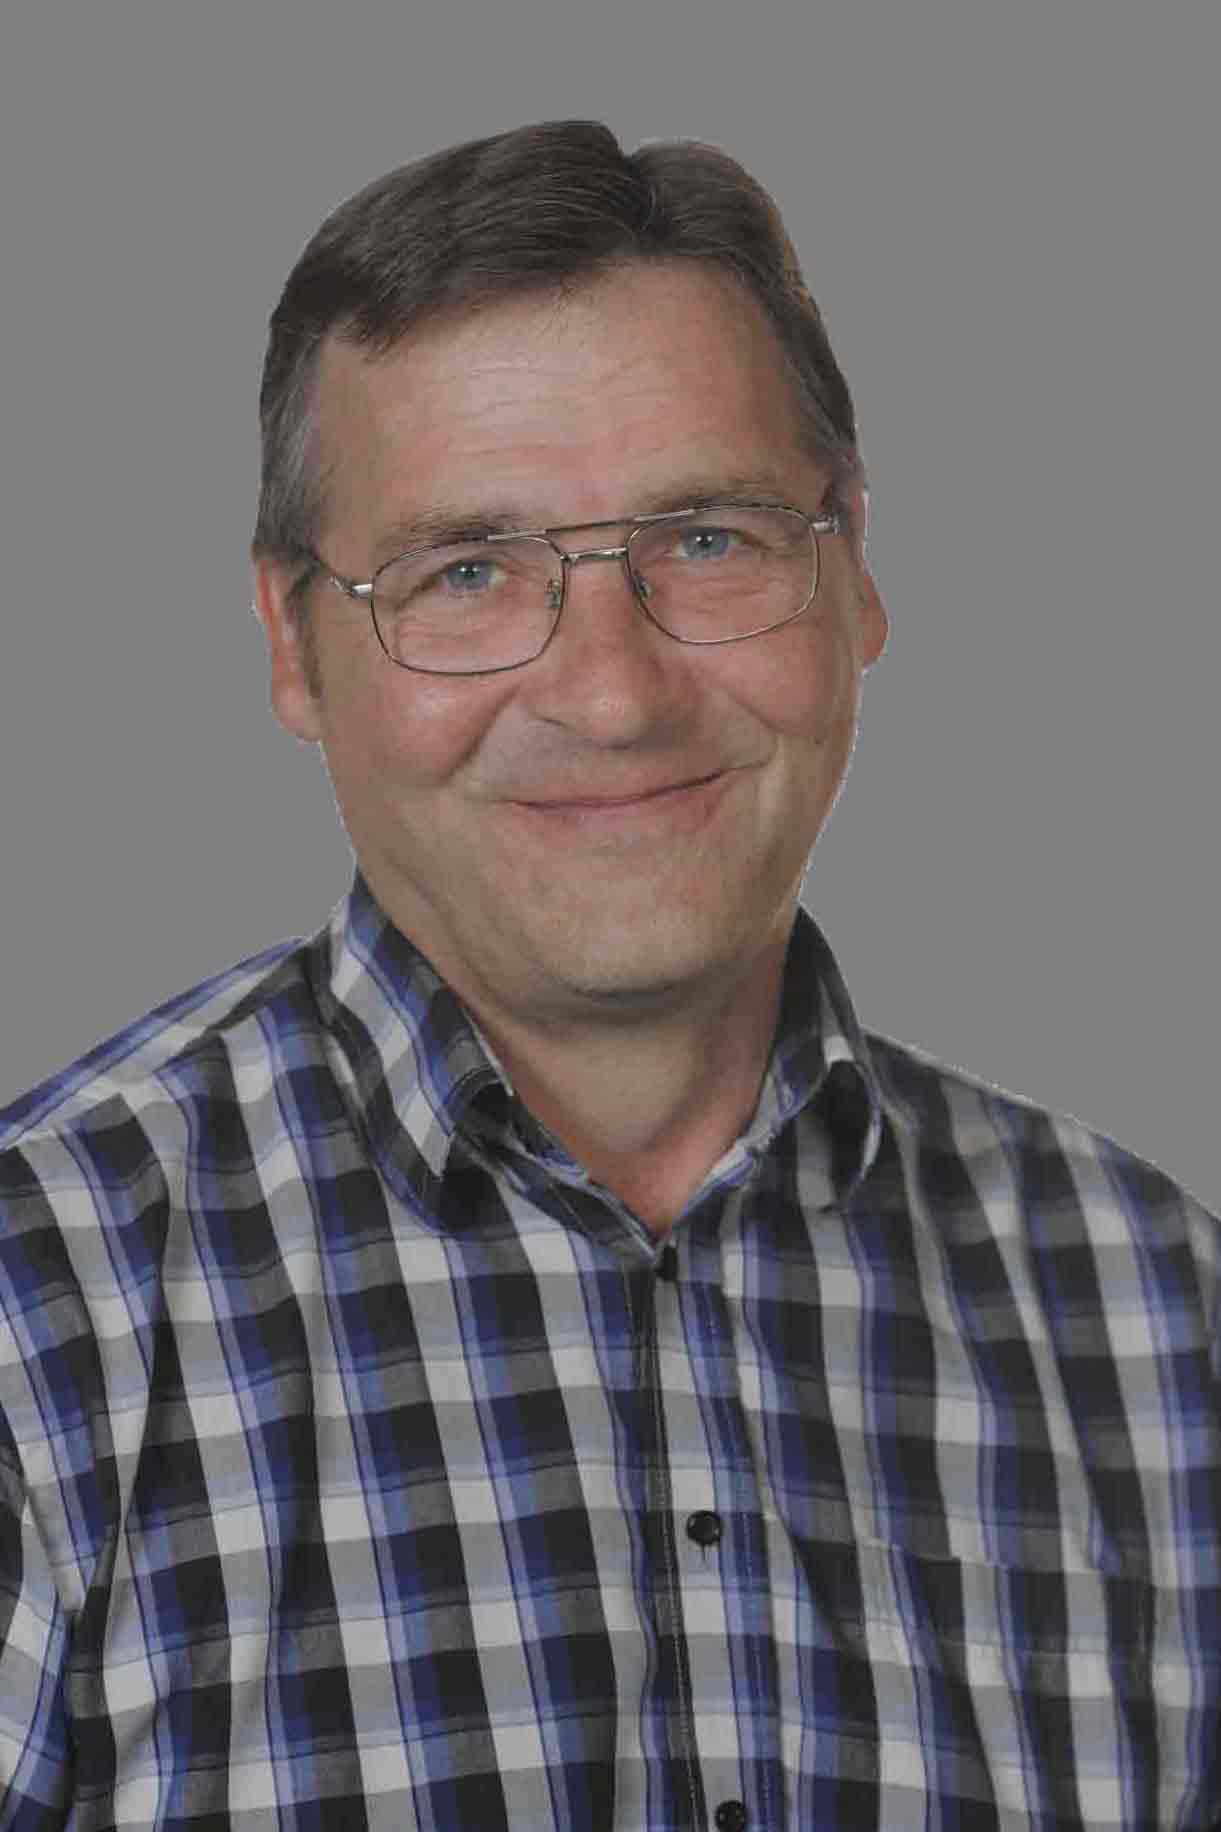 Jes Møller Didriksen